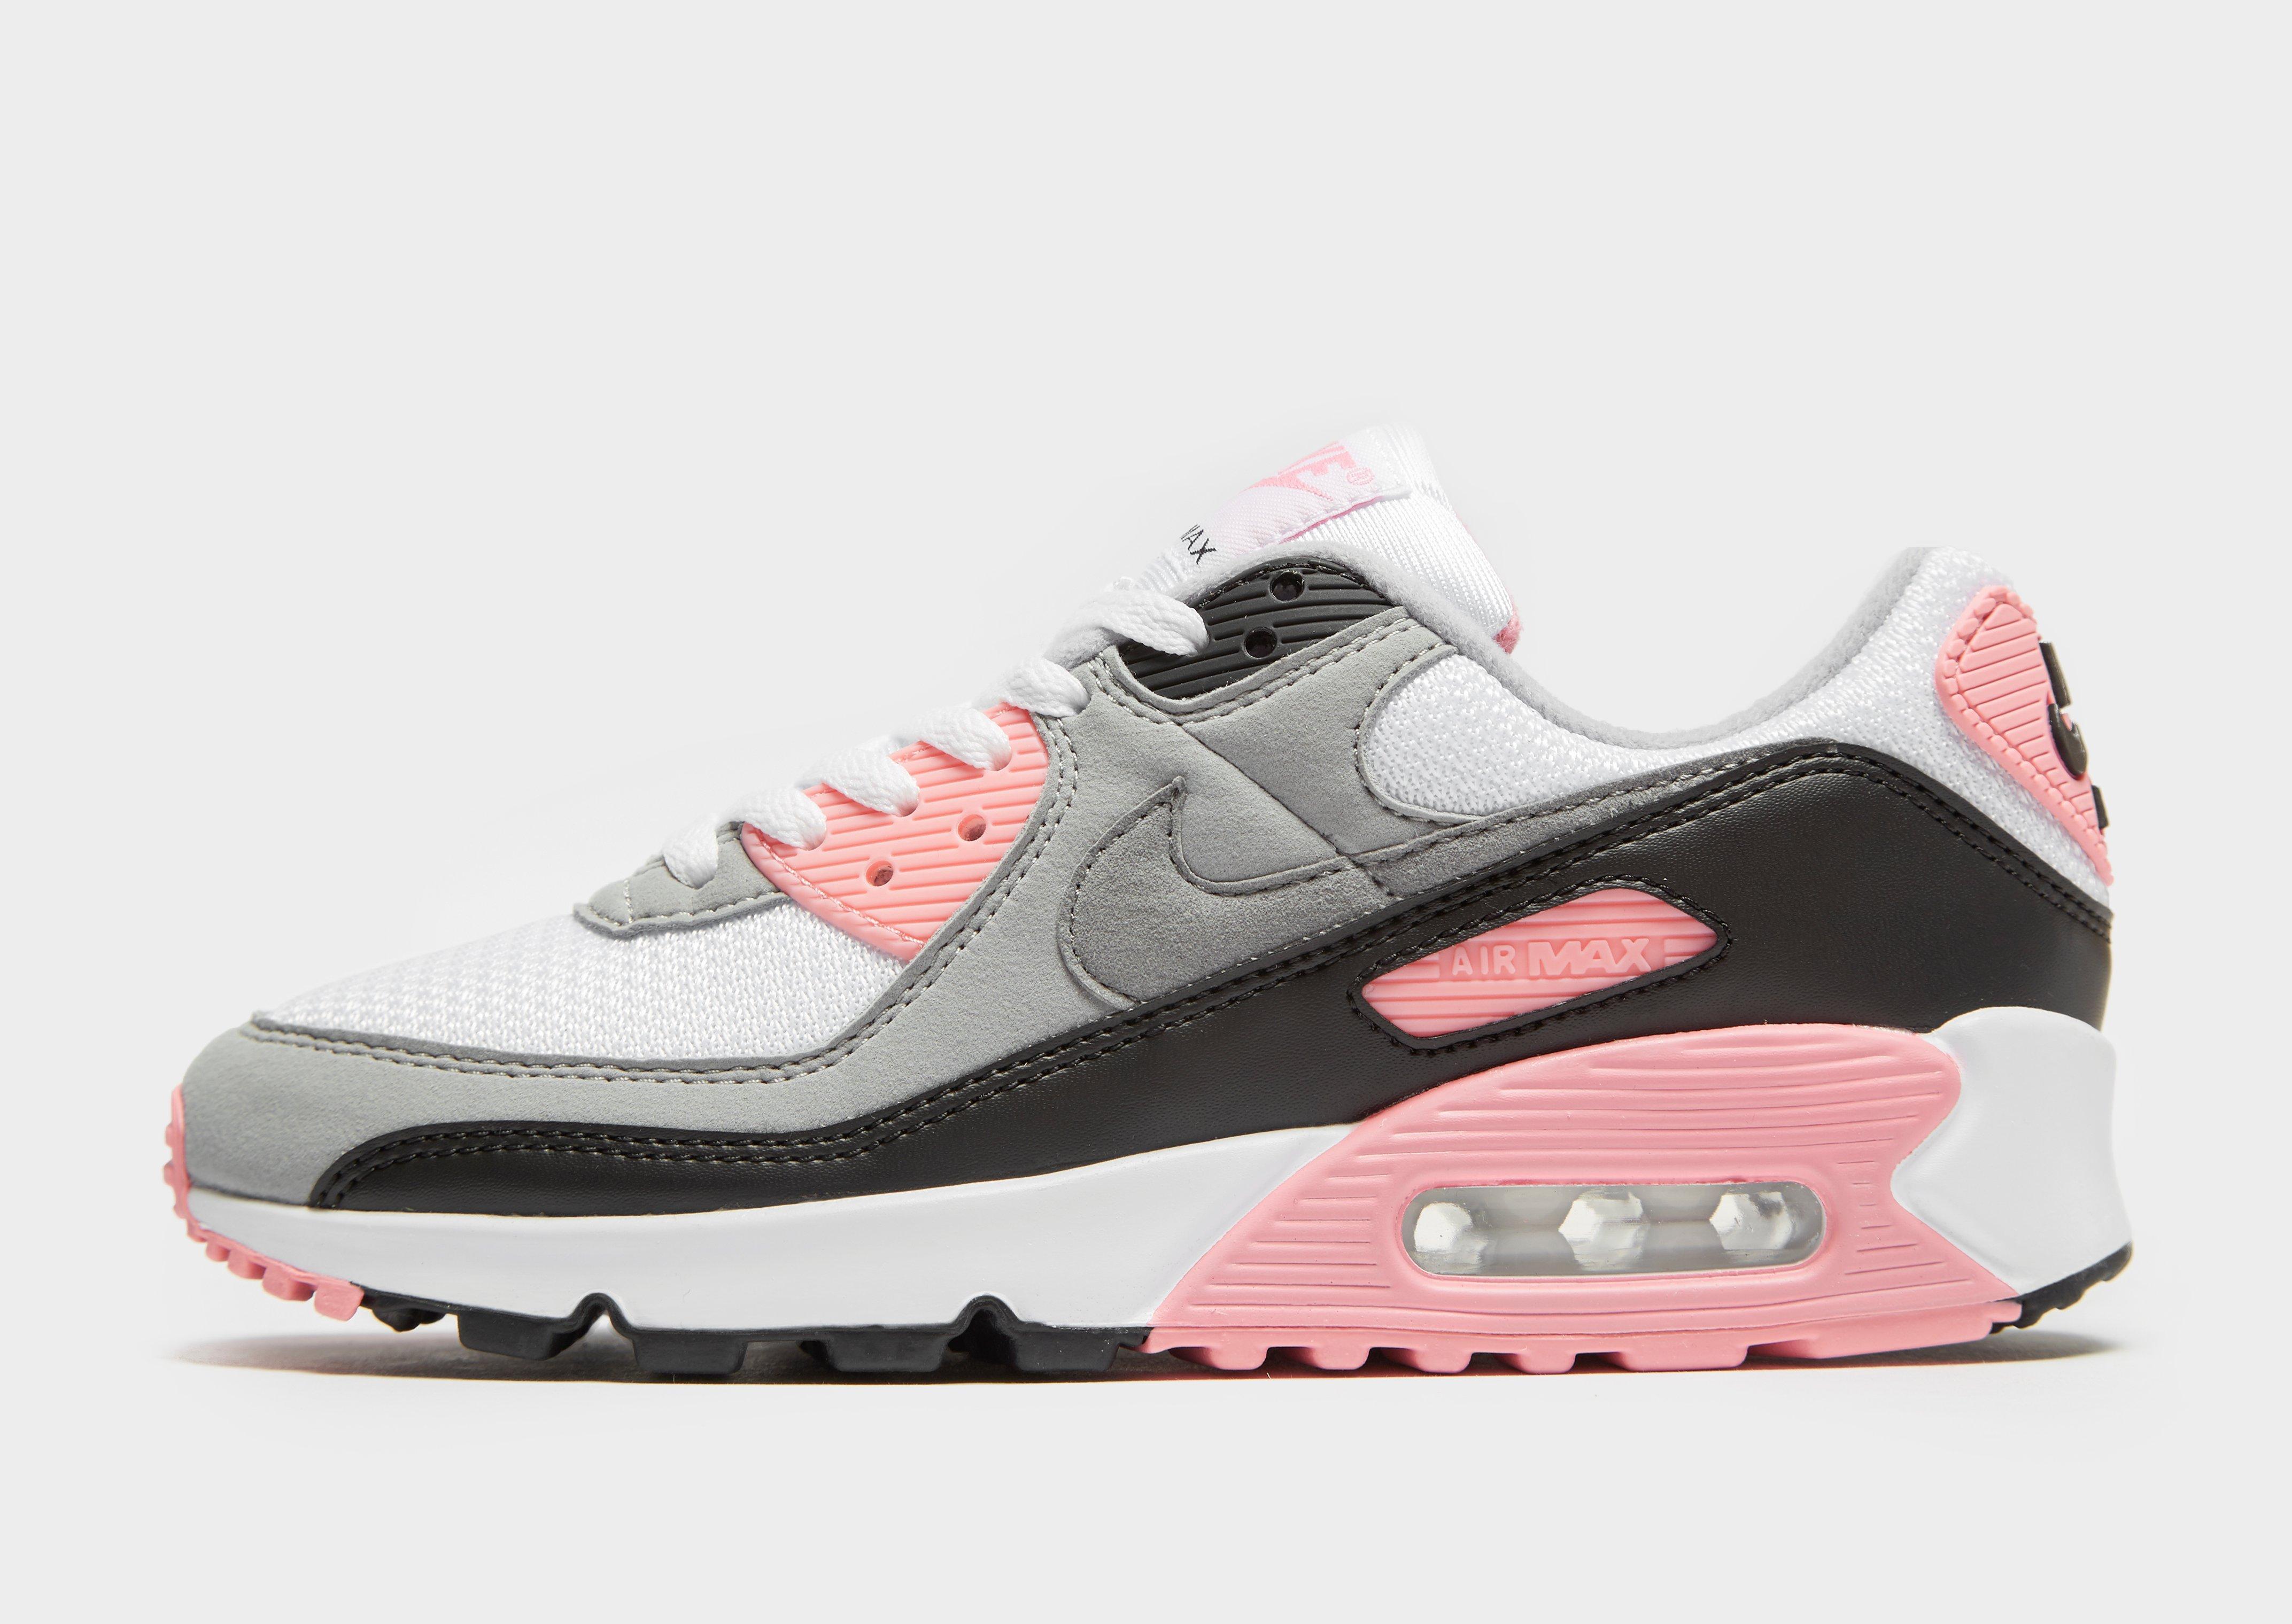 si puedes Favor Geometría  adidas air mujer - Tienda Online de Zapatos, Ropa y Complementos de marca